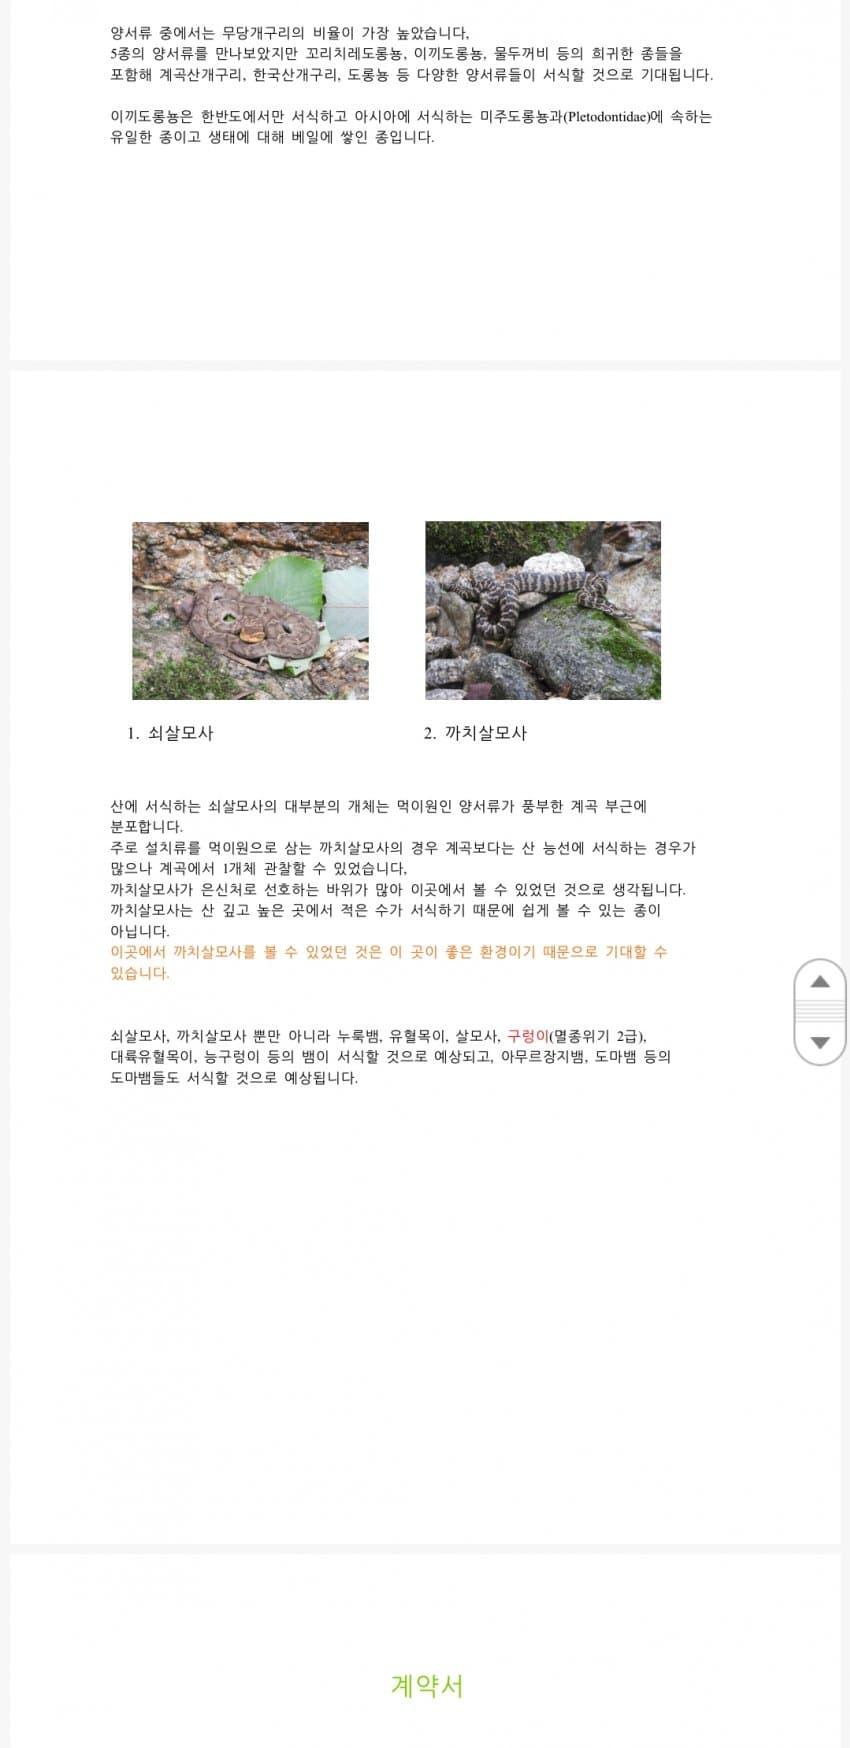 viewimage.php?id=2cb3d92be4de&no=24b0d769e1d32ca73feb86fa11d02831b7cca0f2855e21730c7240ebbc0a6d526edccf79eb6fcd4715410668ba0bf9961a39fbdcf962f8ecd9e77beb1e85f2356ec9266e957e84b2f2cbd5aac9e77d2abc9d8ca0807611b4f5aefc7f8ca8ef1a8bc8191c06db951523